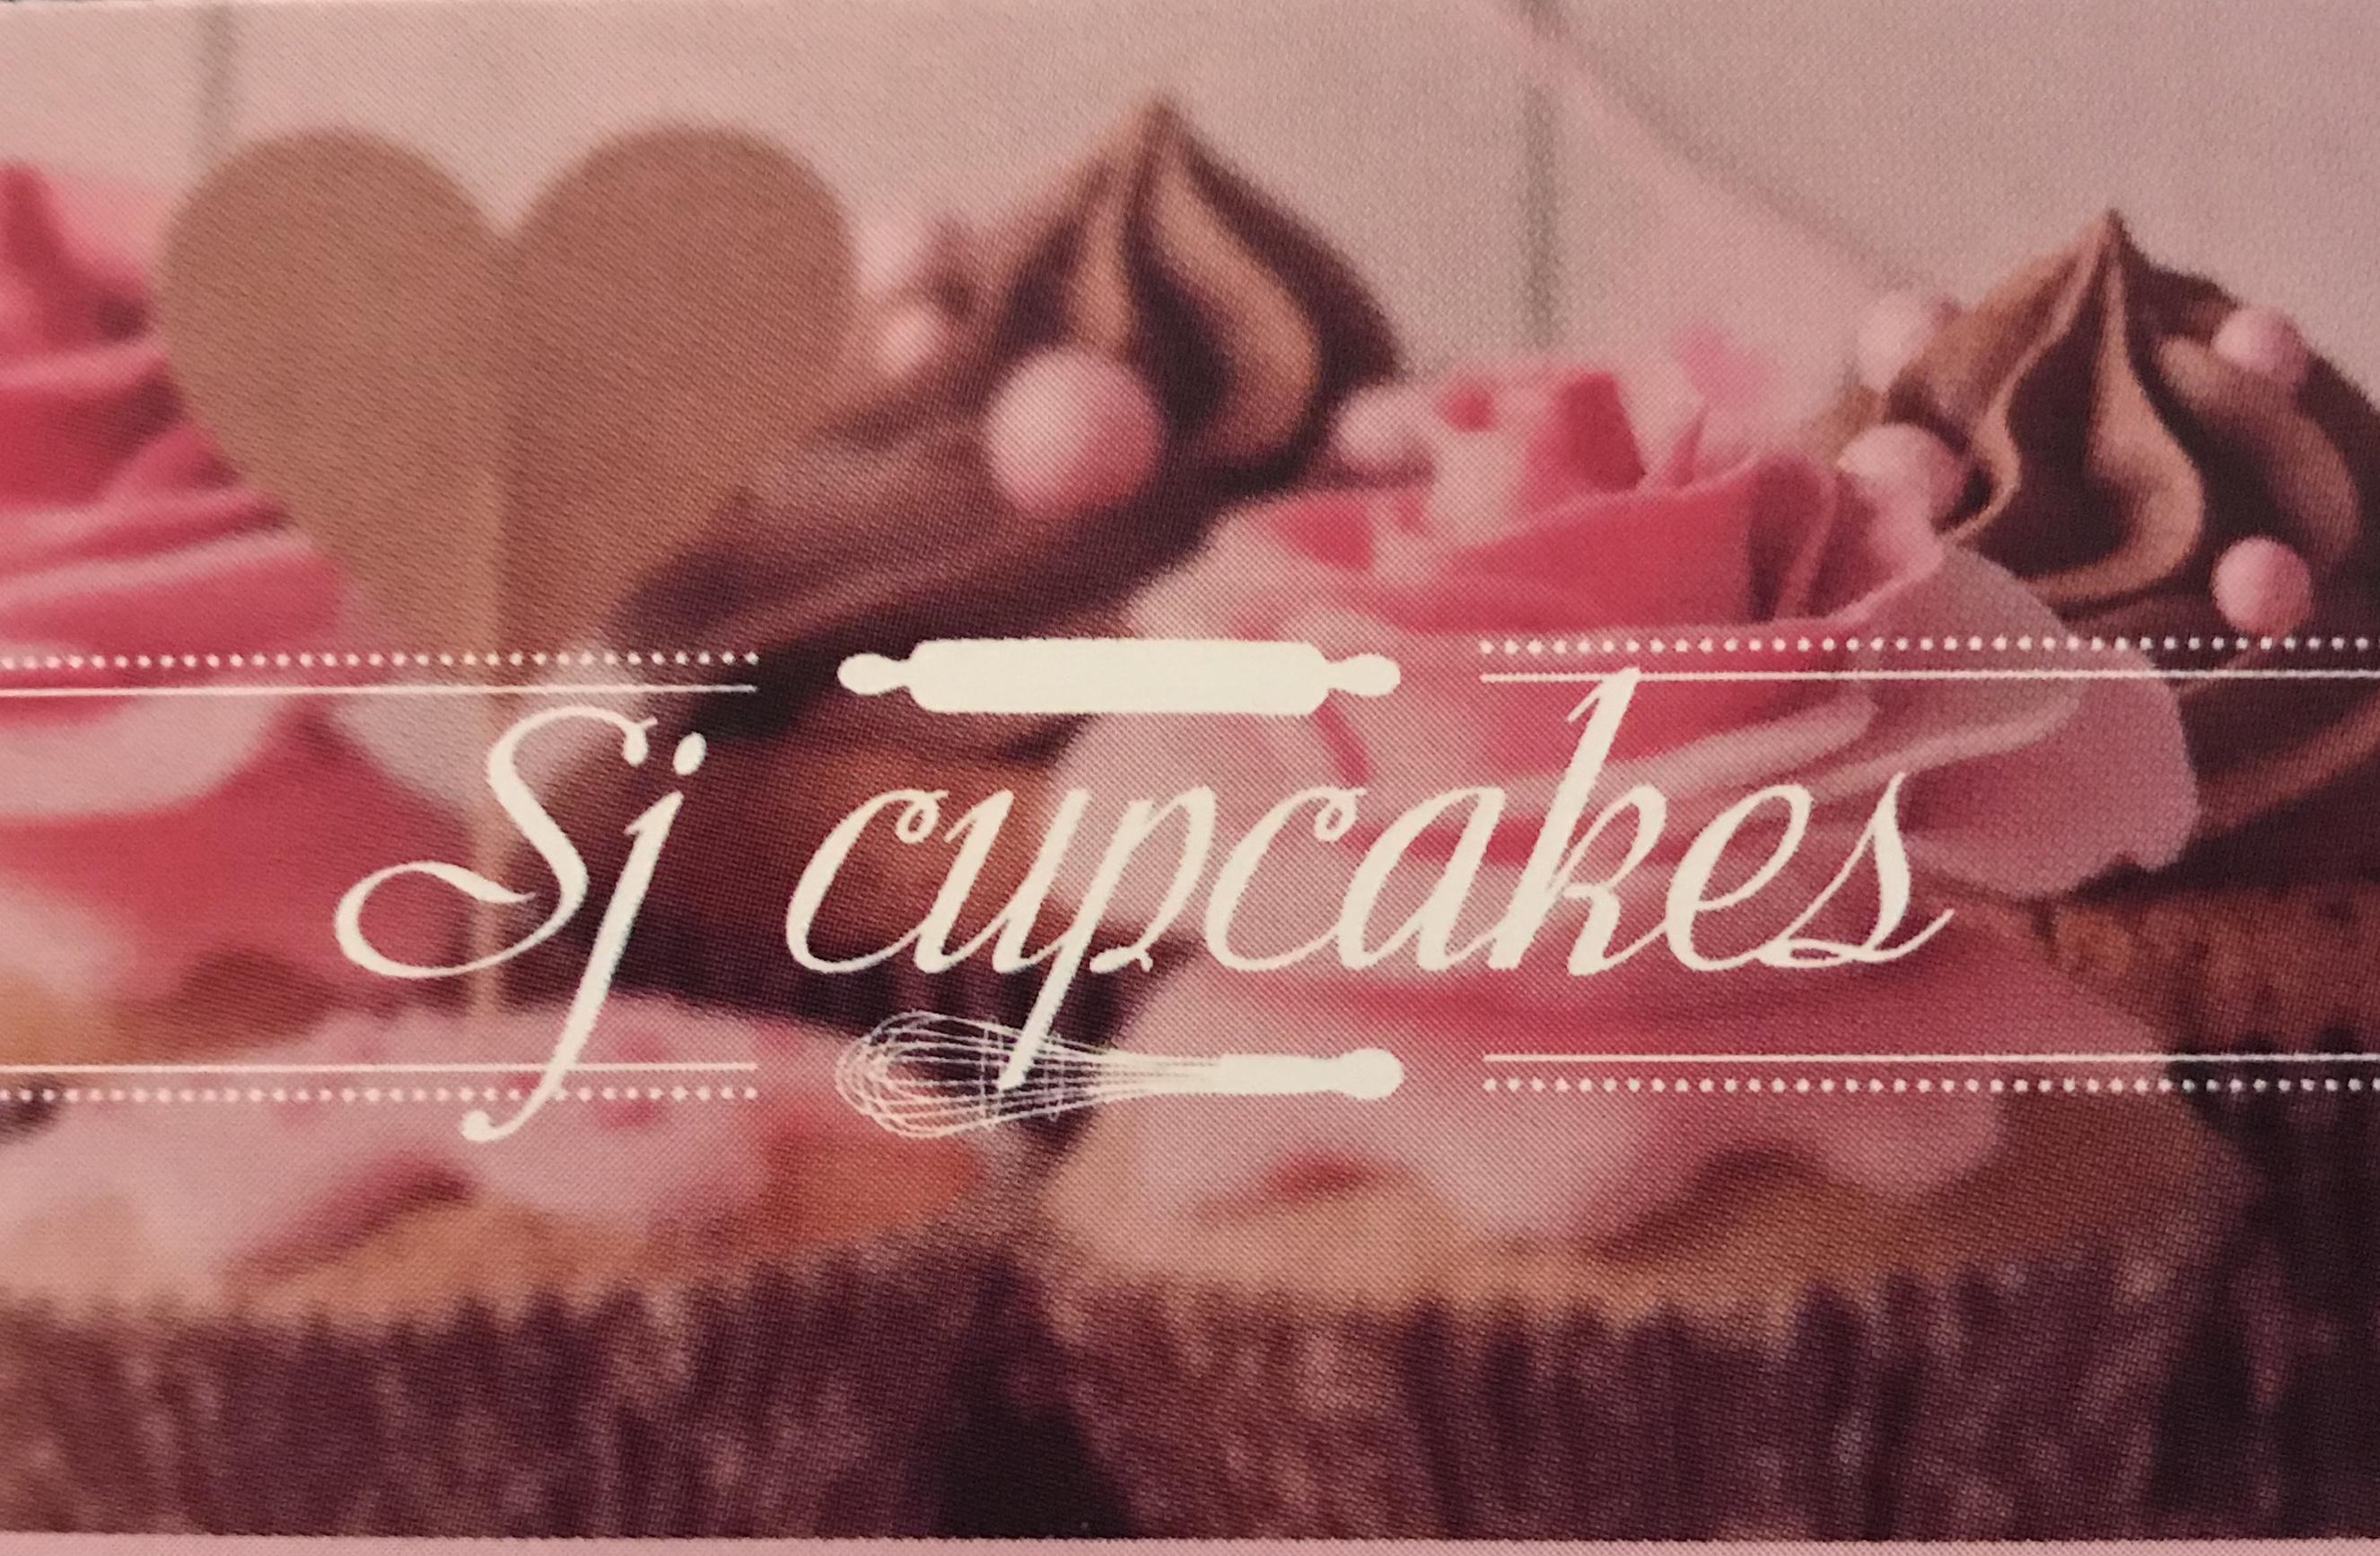 Sj cupcakes